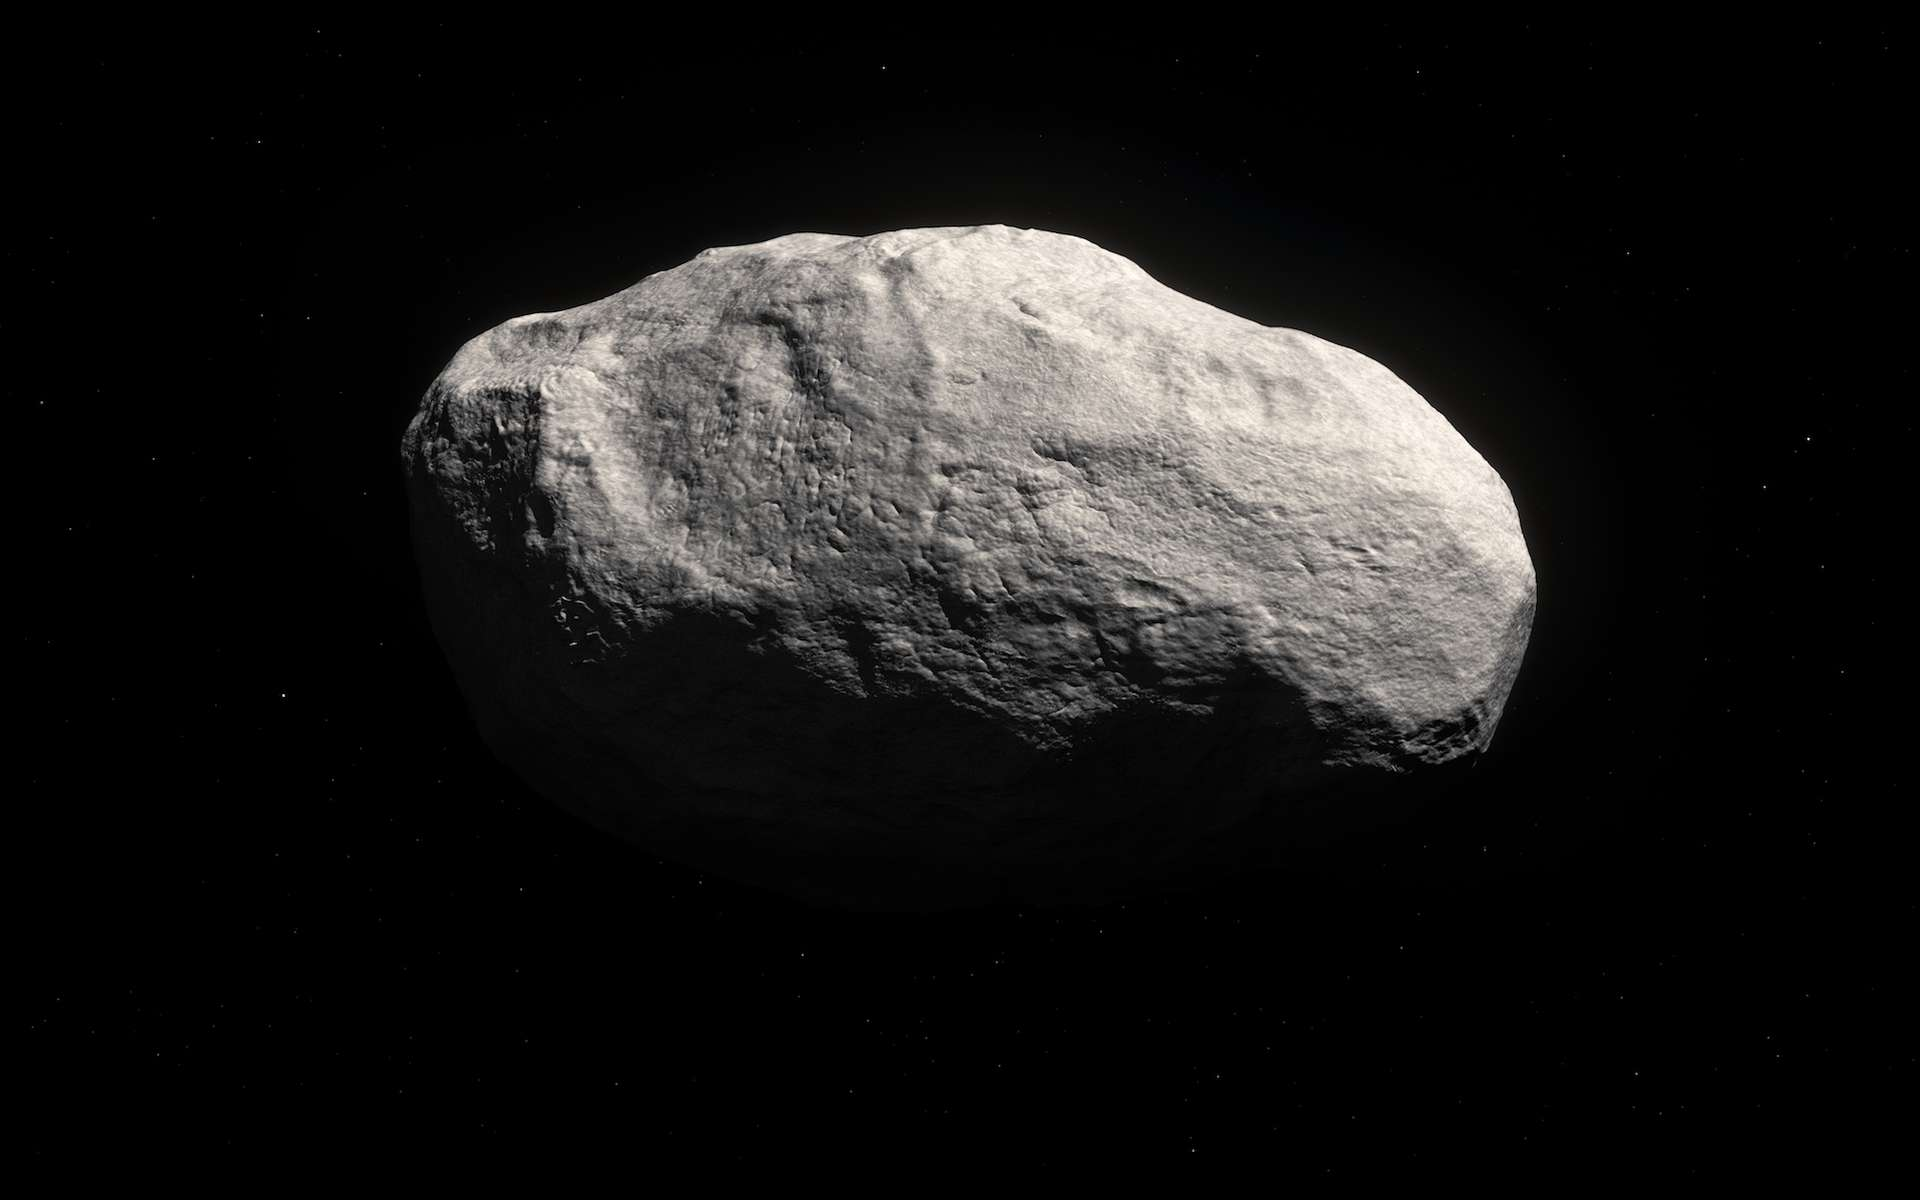 Illustration de C/2014 S3 (Pan-Starrs), un corps qui, de par son orbite, peut être confondu avec une comète à longue période (en l'occurrence environ 830 ans) mais qui présente les caractéristiques d'un astéroïde primitif. Exilé il y a plusieurs milliards d'années dans les régions glacées, il a subi peu d'altérations du Soleil et de collisions avec d'autres objets, au contraire de ceux qui sont parqués dans la ceinture principale d'astéroïdes. © Eso, M. Kornmesser